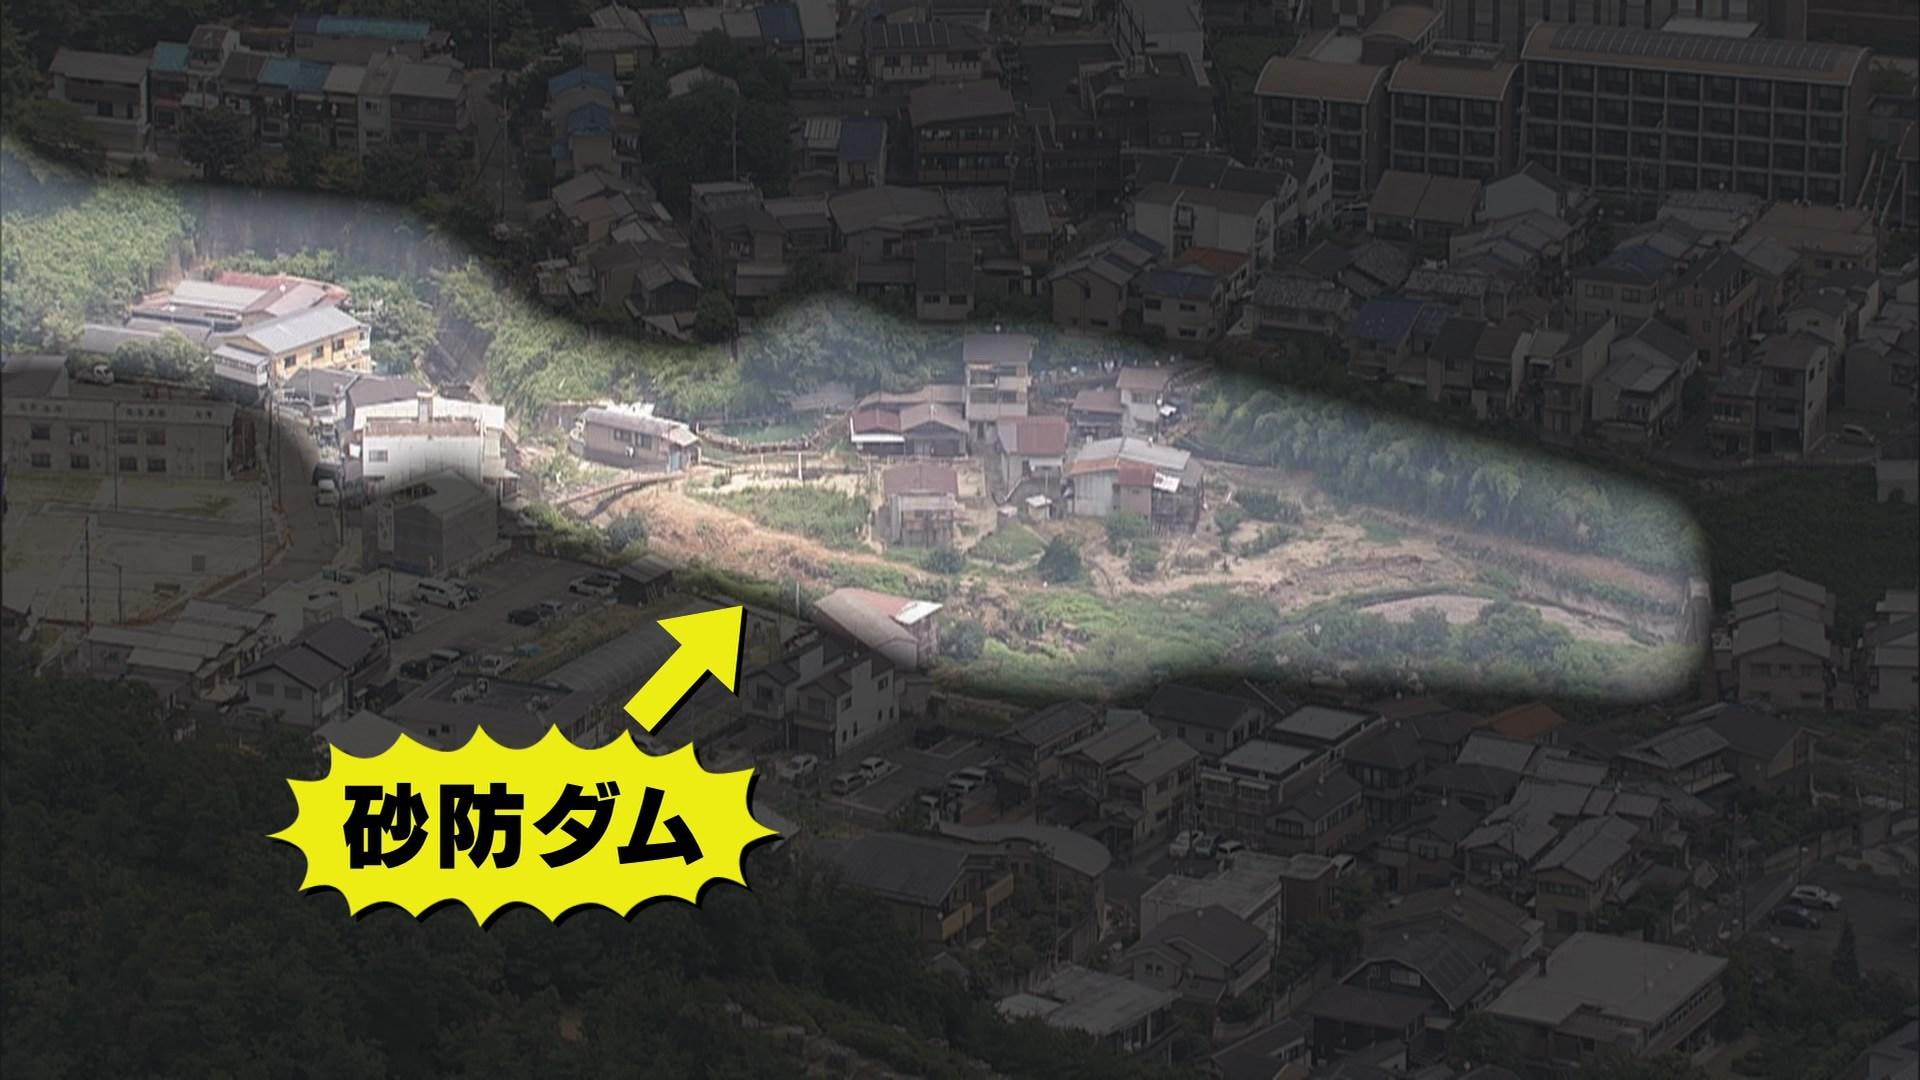 【京都市北区の集落】国有地を不法占拠!危険な砂防ダムの住人たち!の画像3-2